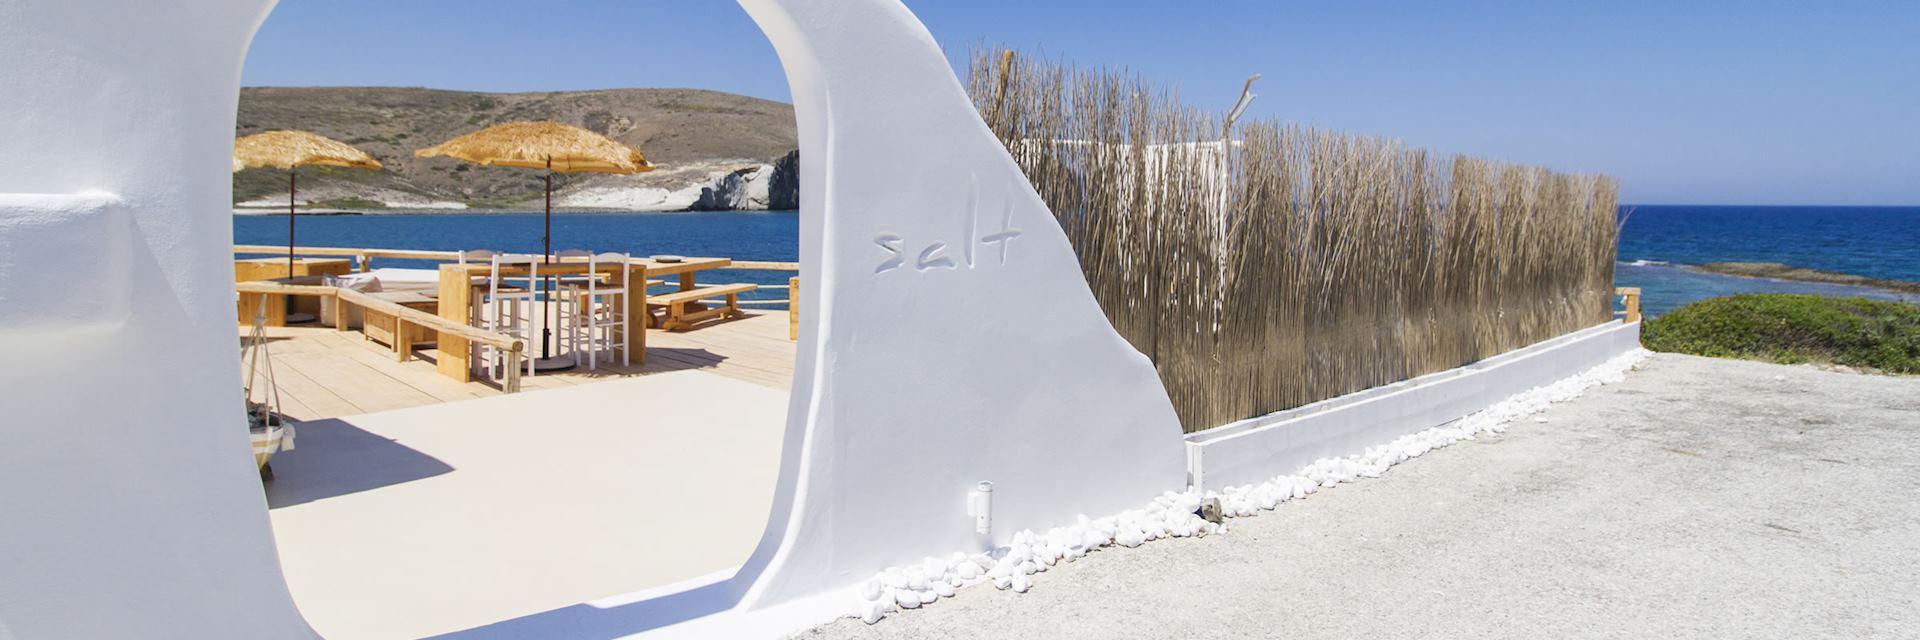 Salt Suites